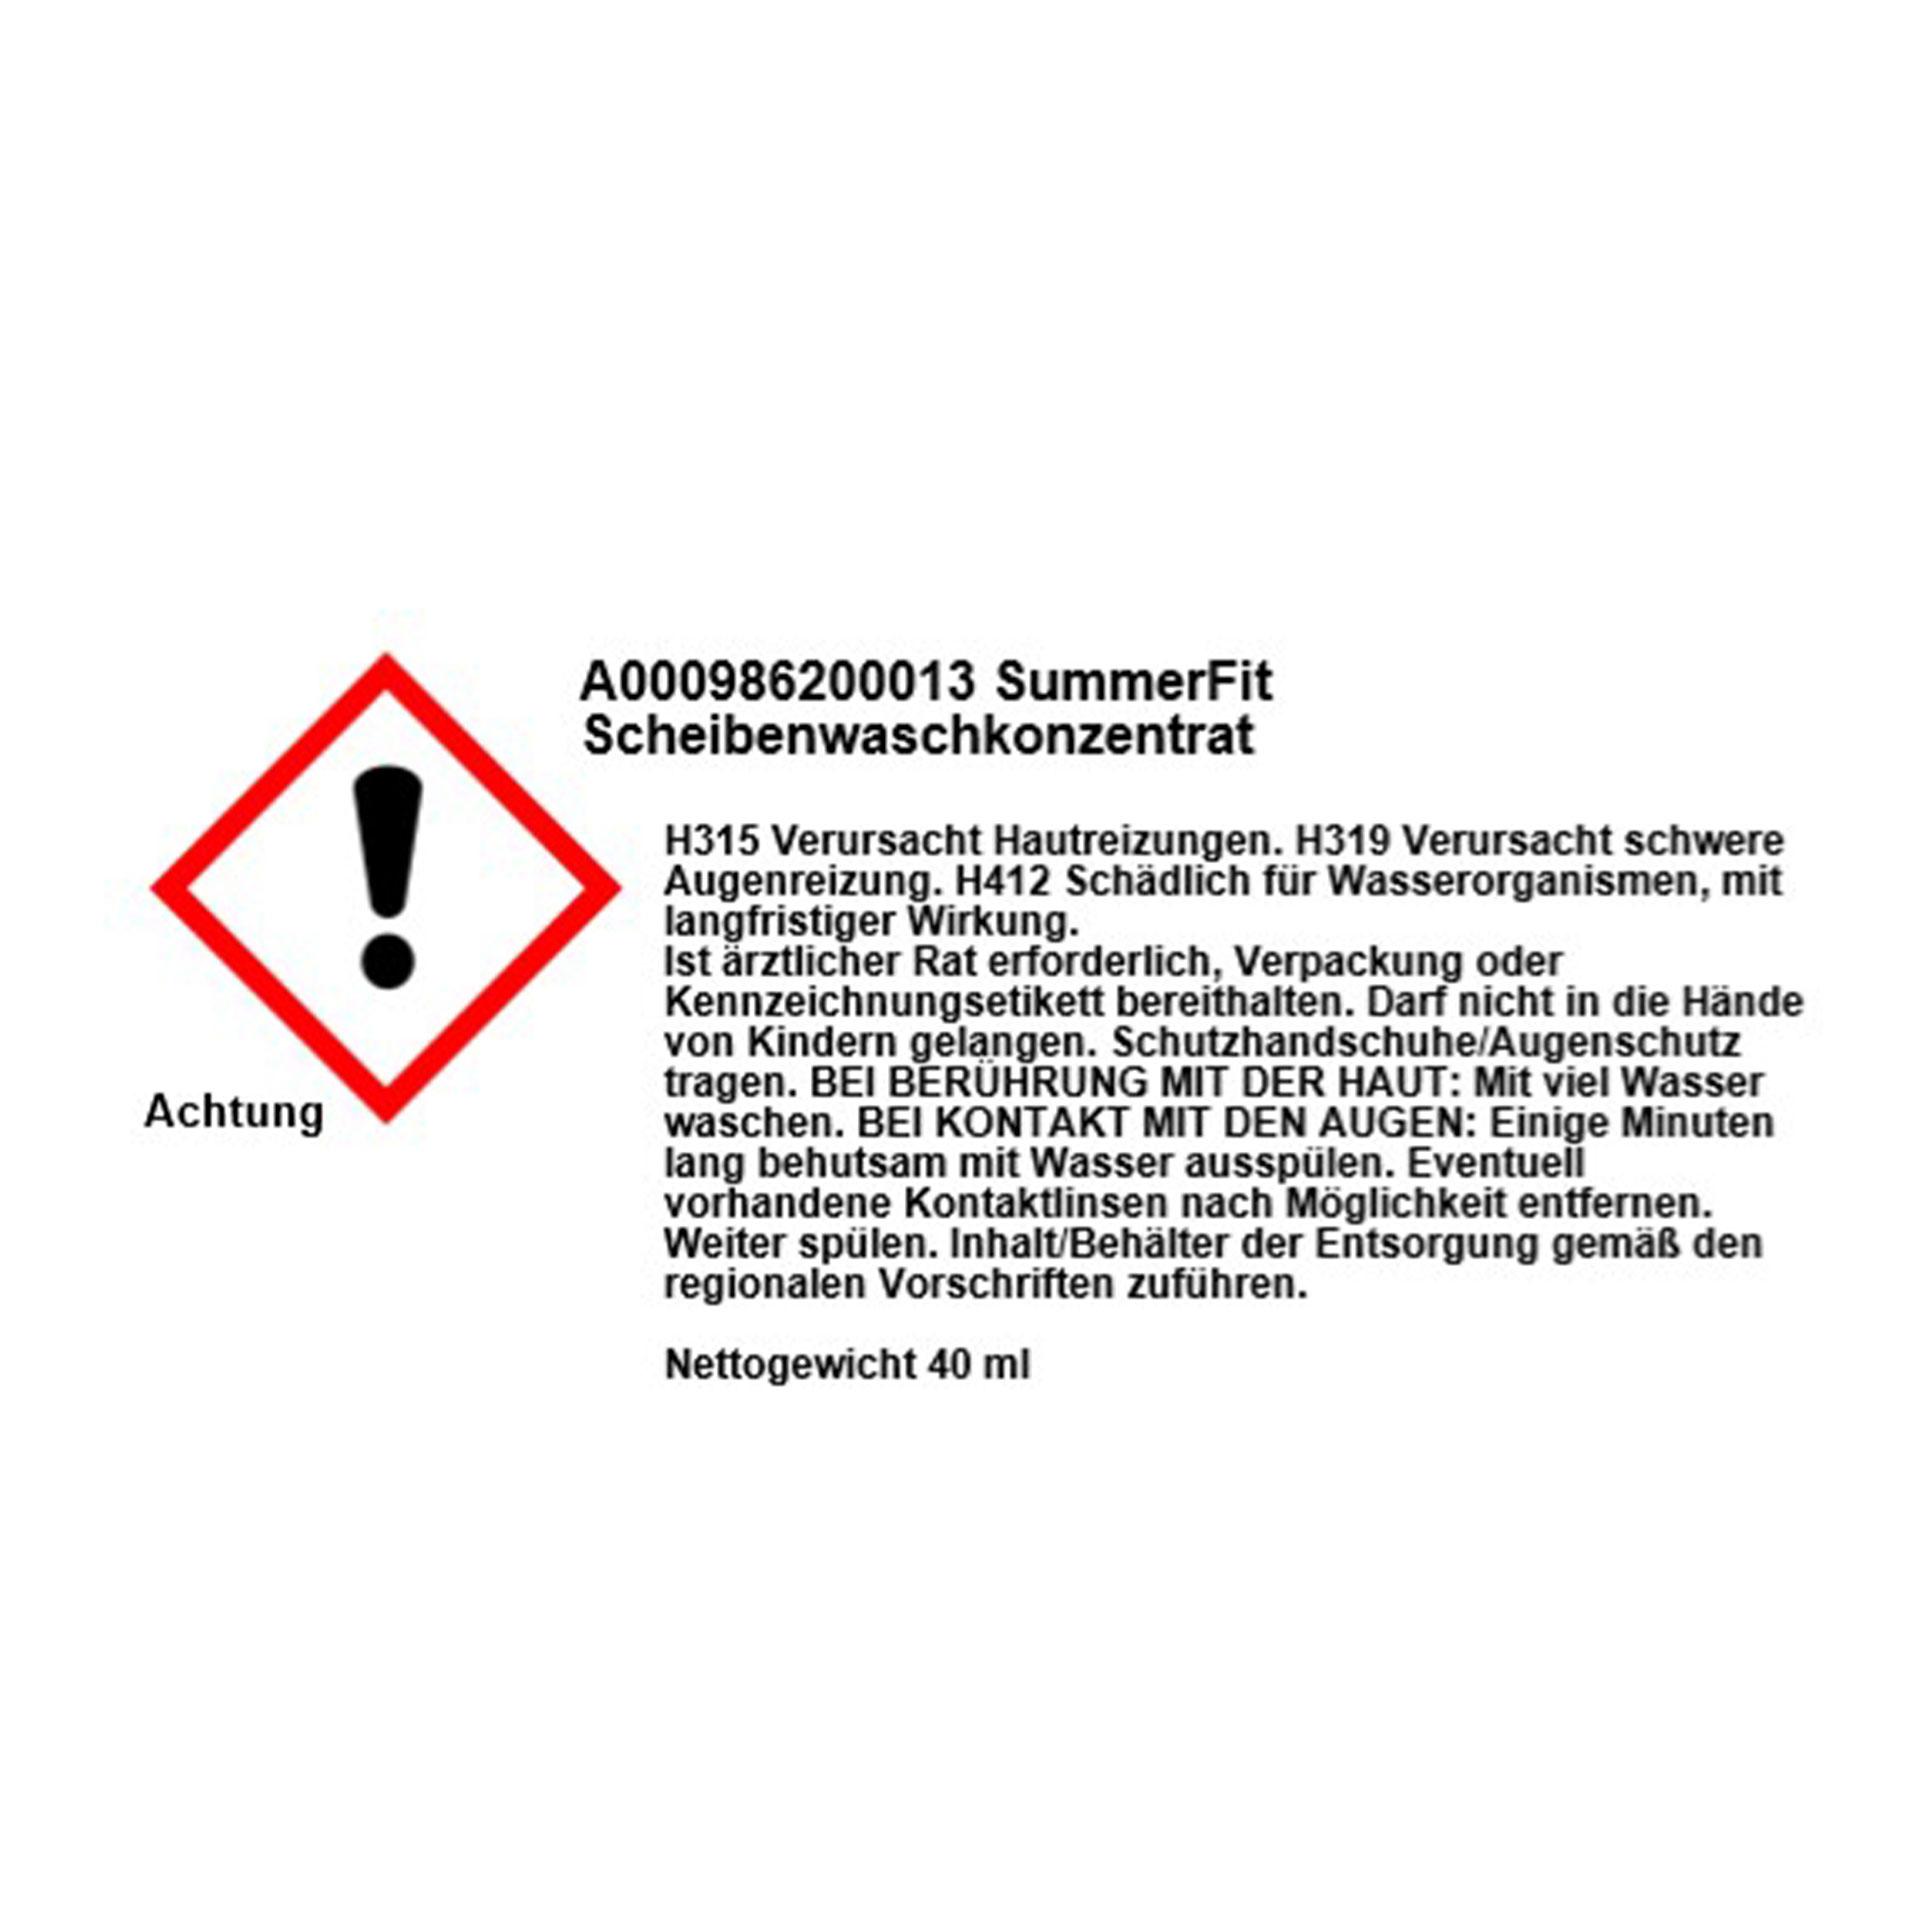 Mercedes-Benz Scheibenreiniger Konzentrat SummerFit 40 ml